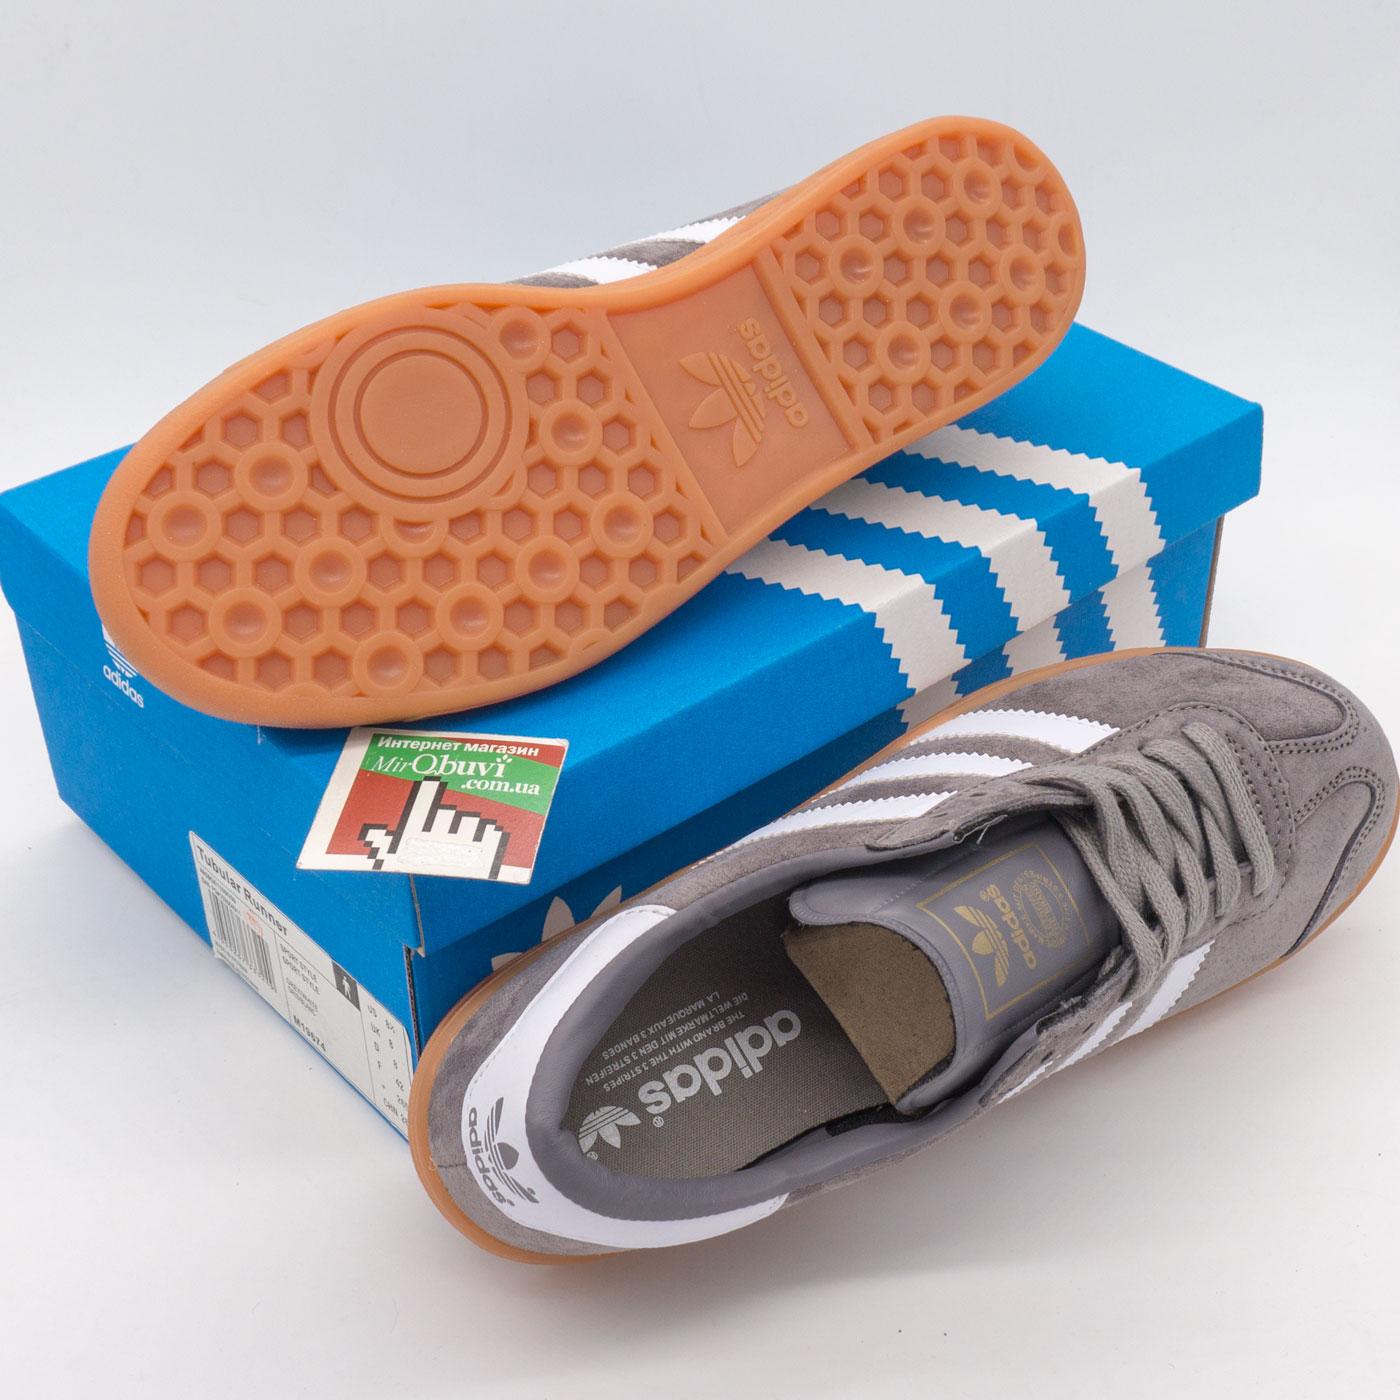 фото bottom Кроссовки Adidas Hamburg серые - Натуральная замша - Топ качество! bottom